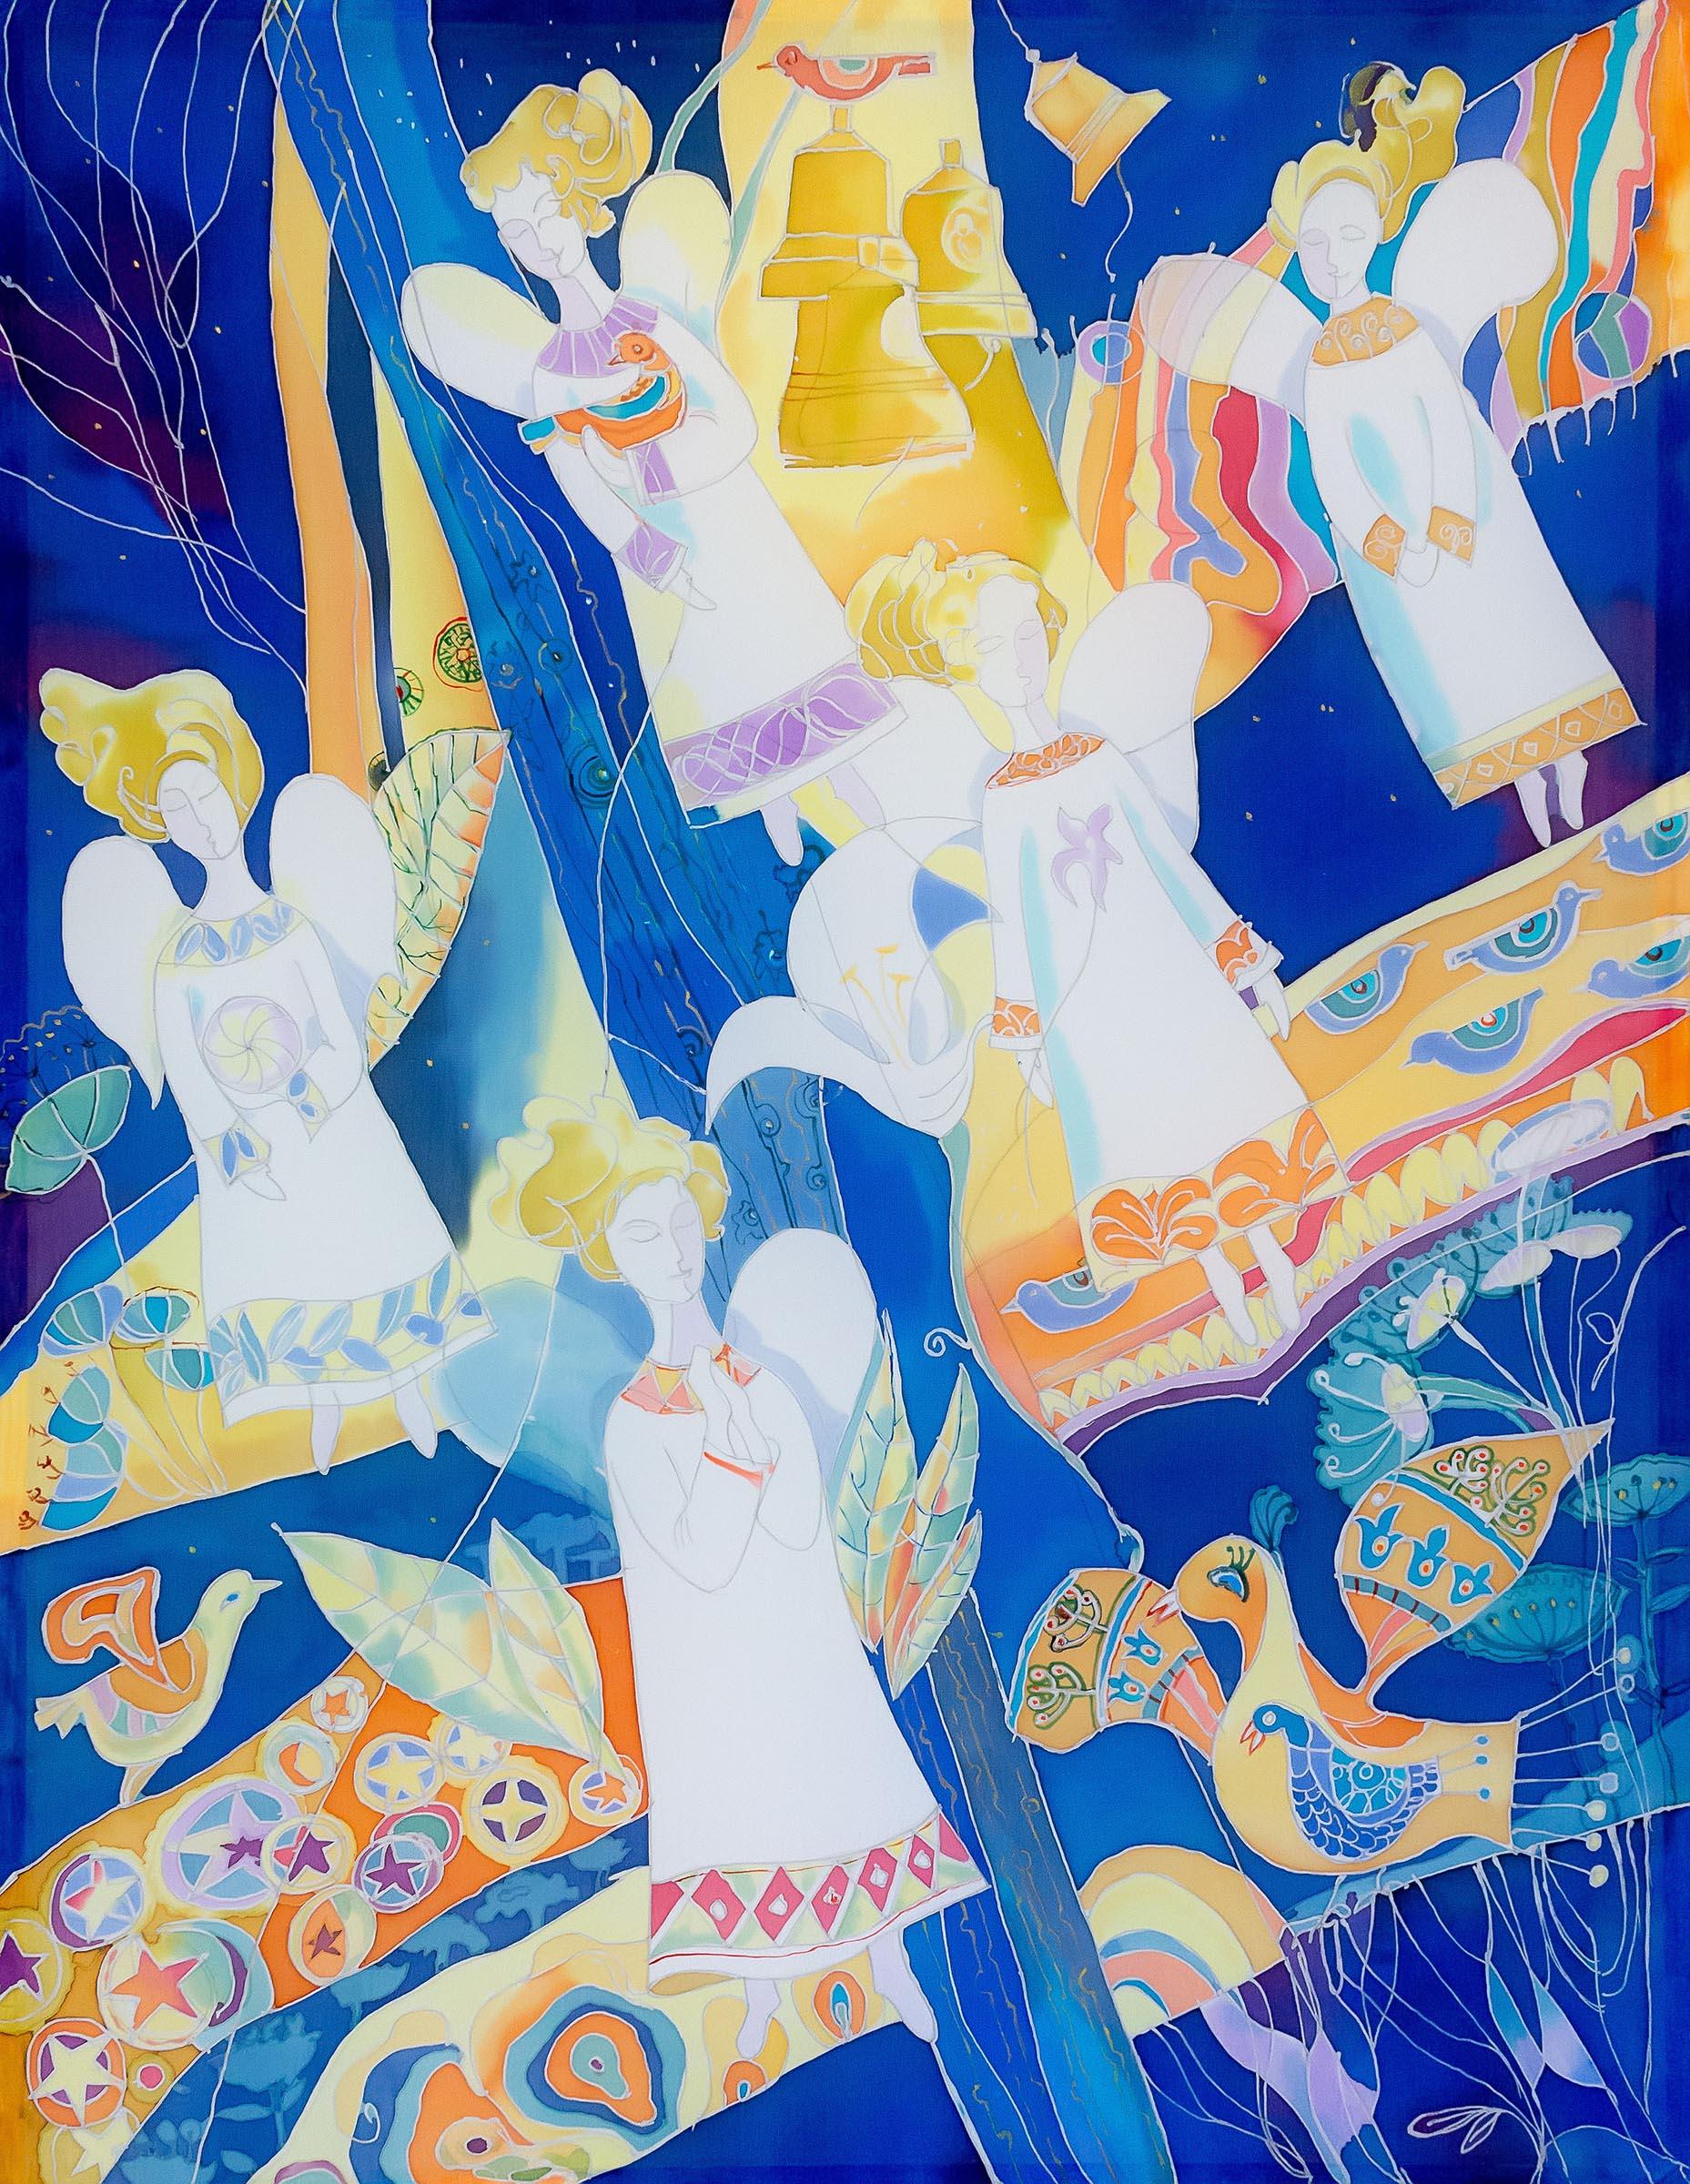 Фото №760816. Art16.ru Photo archive